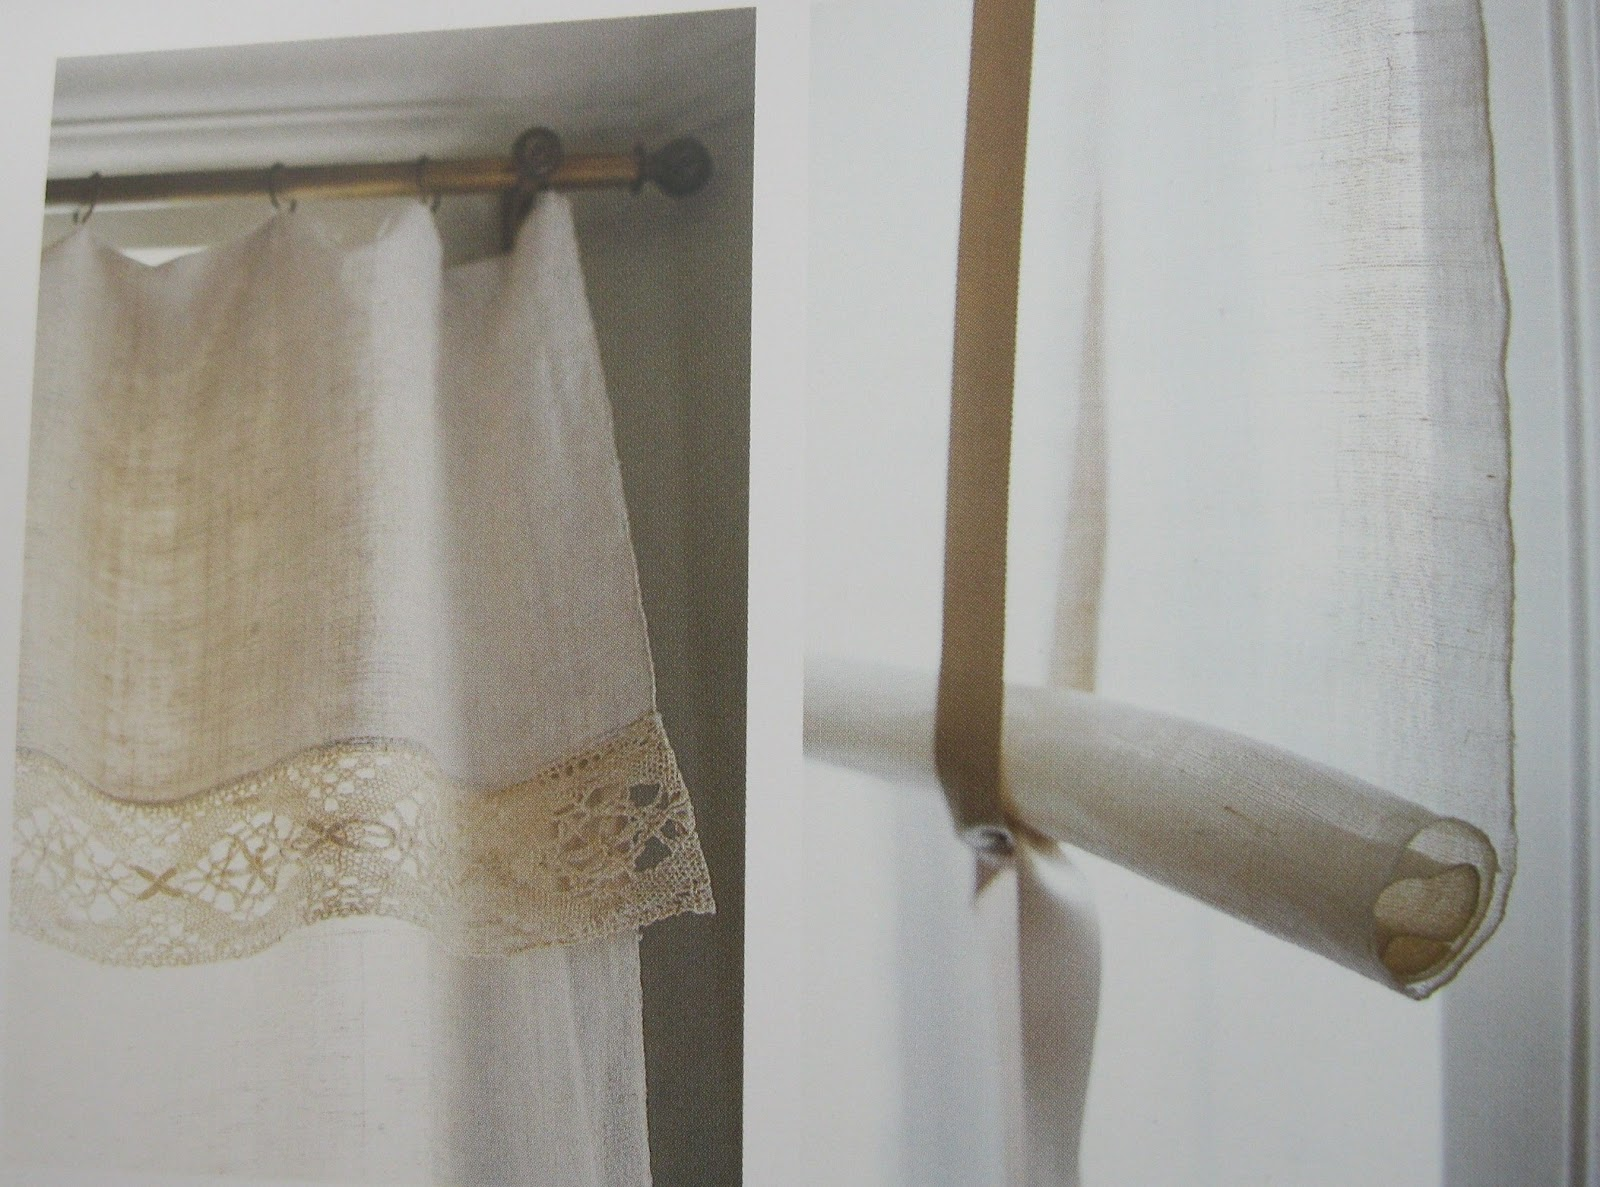 Linge ancien estores y cortinas visten y resaltan for Tipos de cortinas y estores